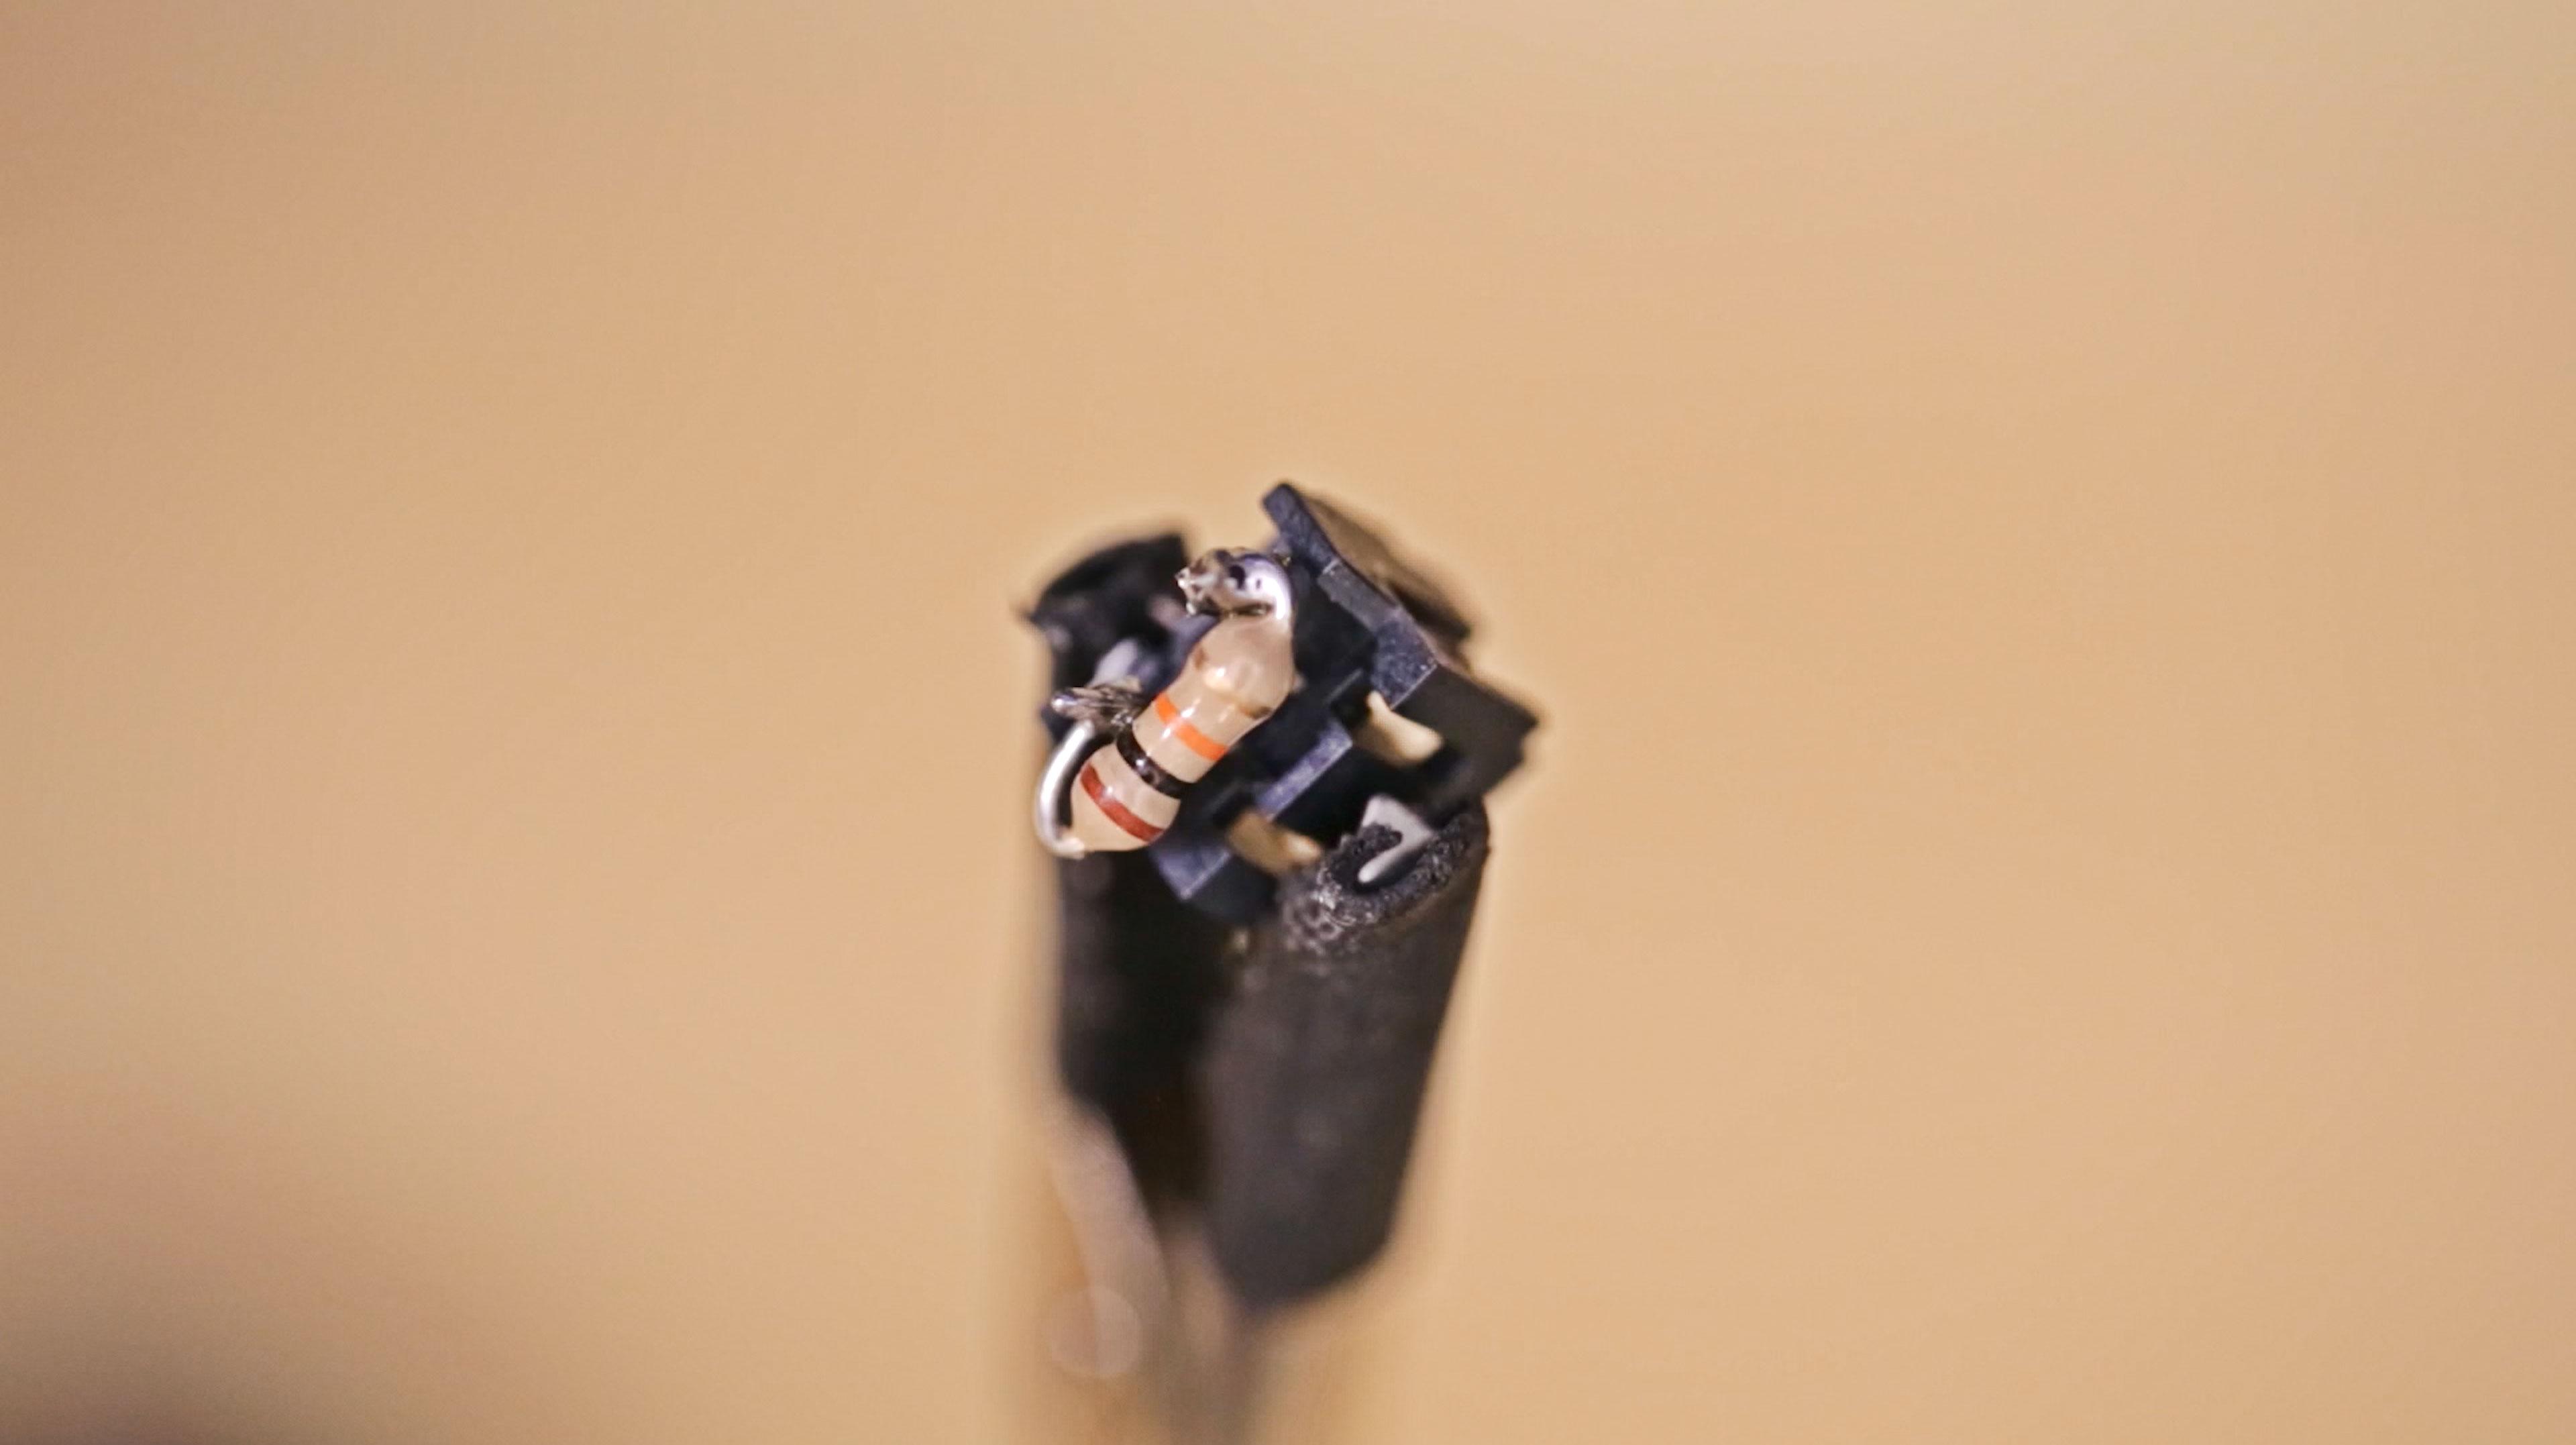 lcds___displays_resistor-soldered.jpg